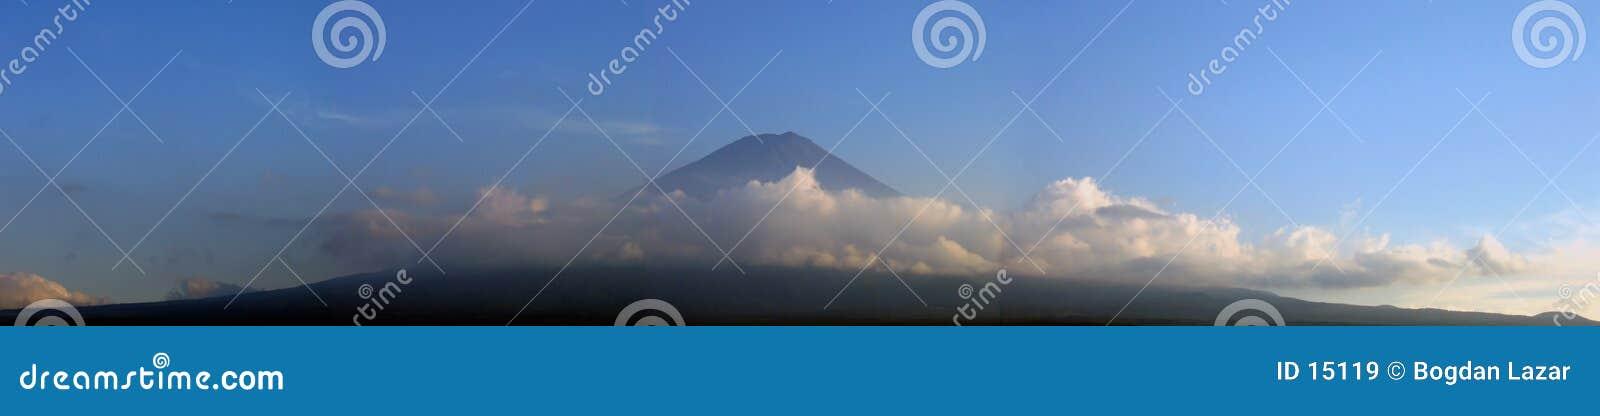 Montagem Fuji cercado por nuvens - panorama